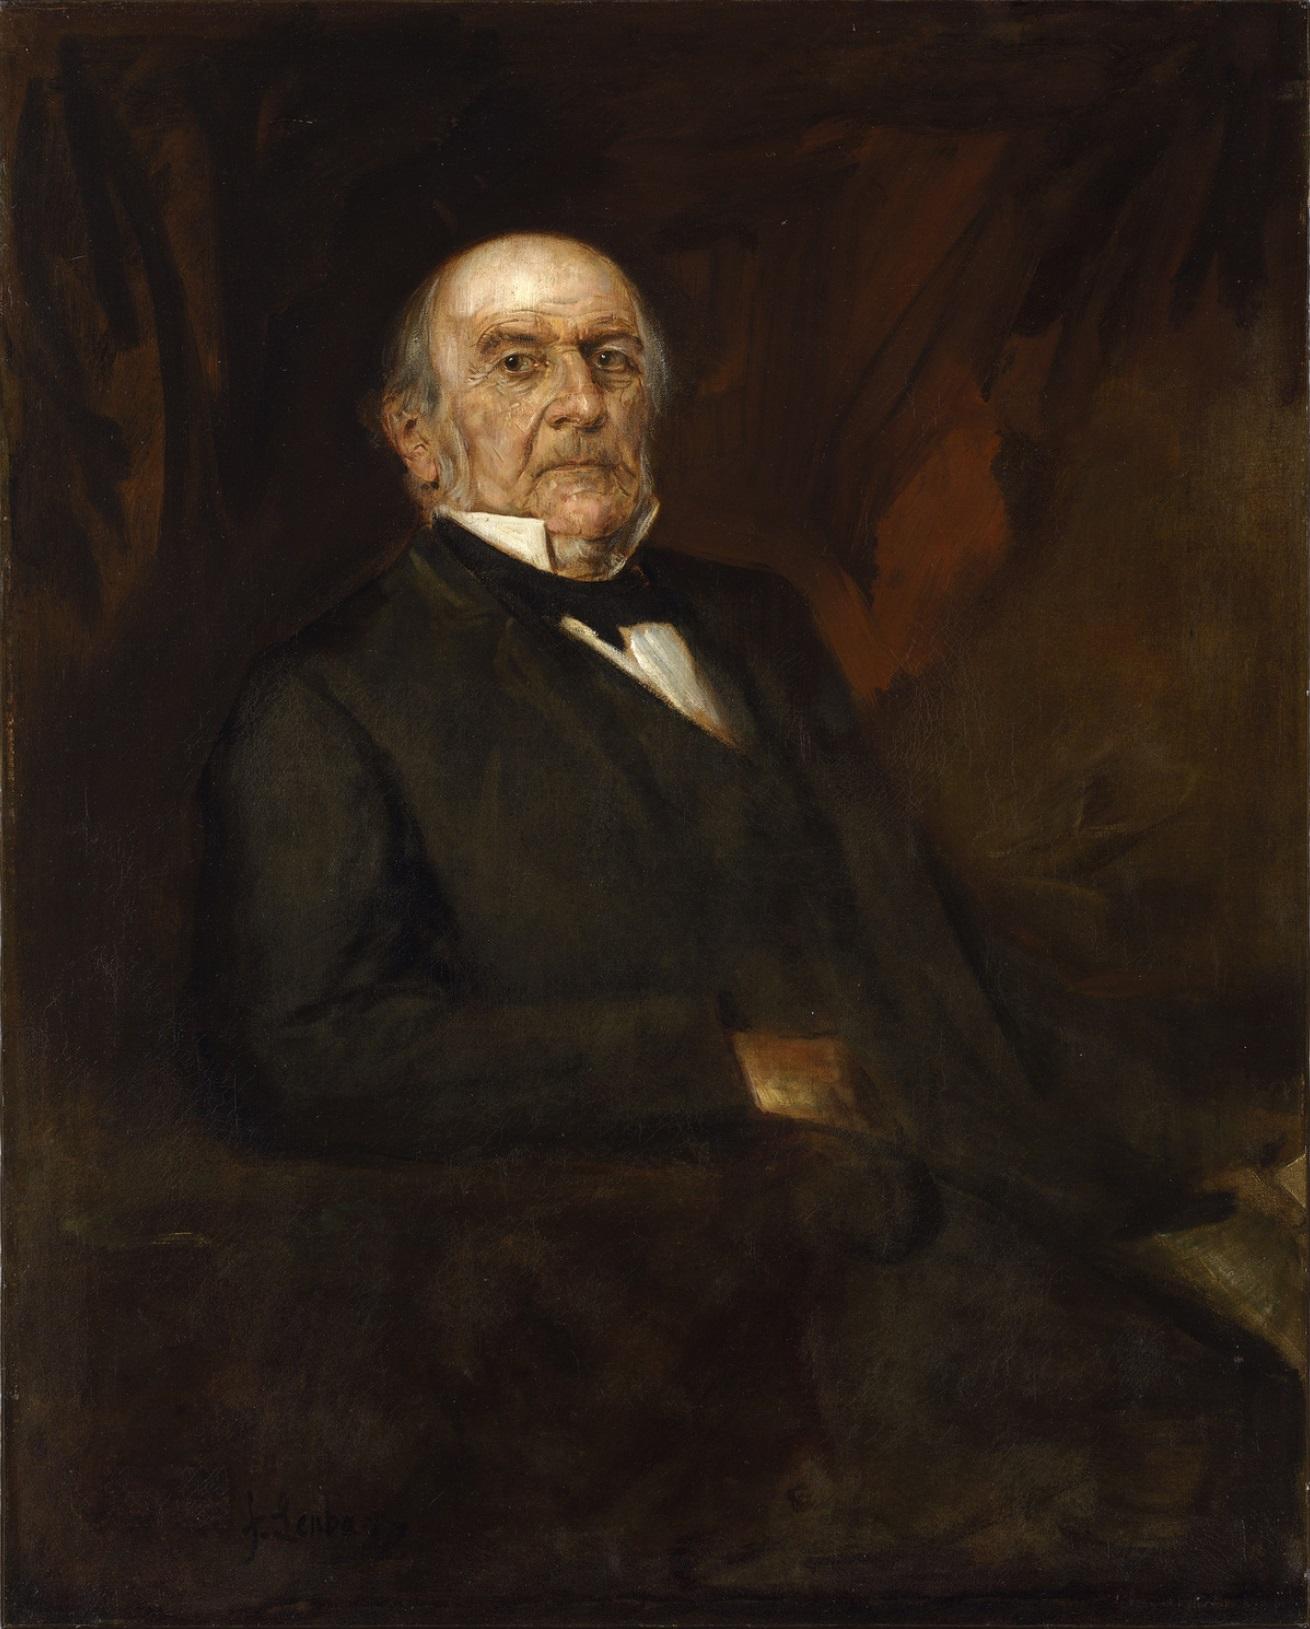 Filefranz von lenbach portrait of william ewart gladstone 1886 filefranz von lenbach portrait of william ewart gladstone 1886g sciox Choice Image